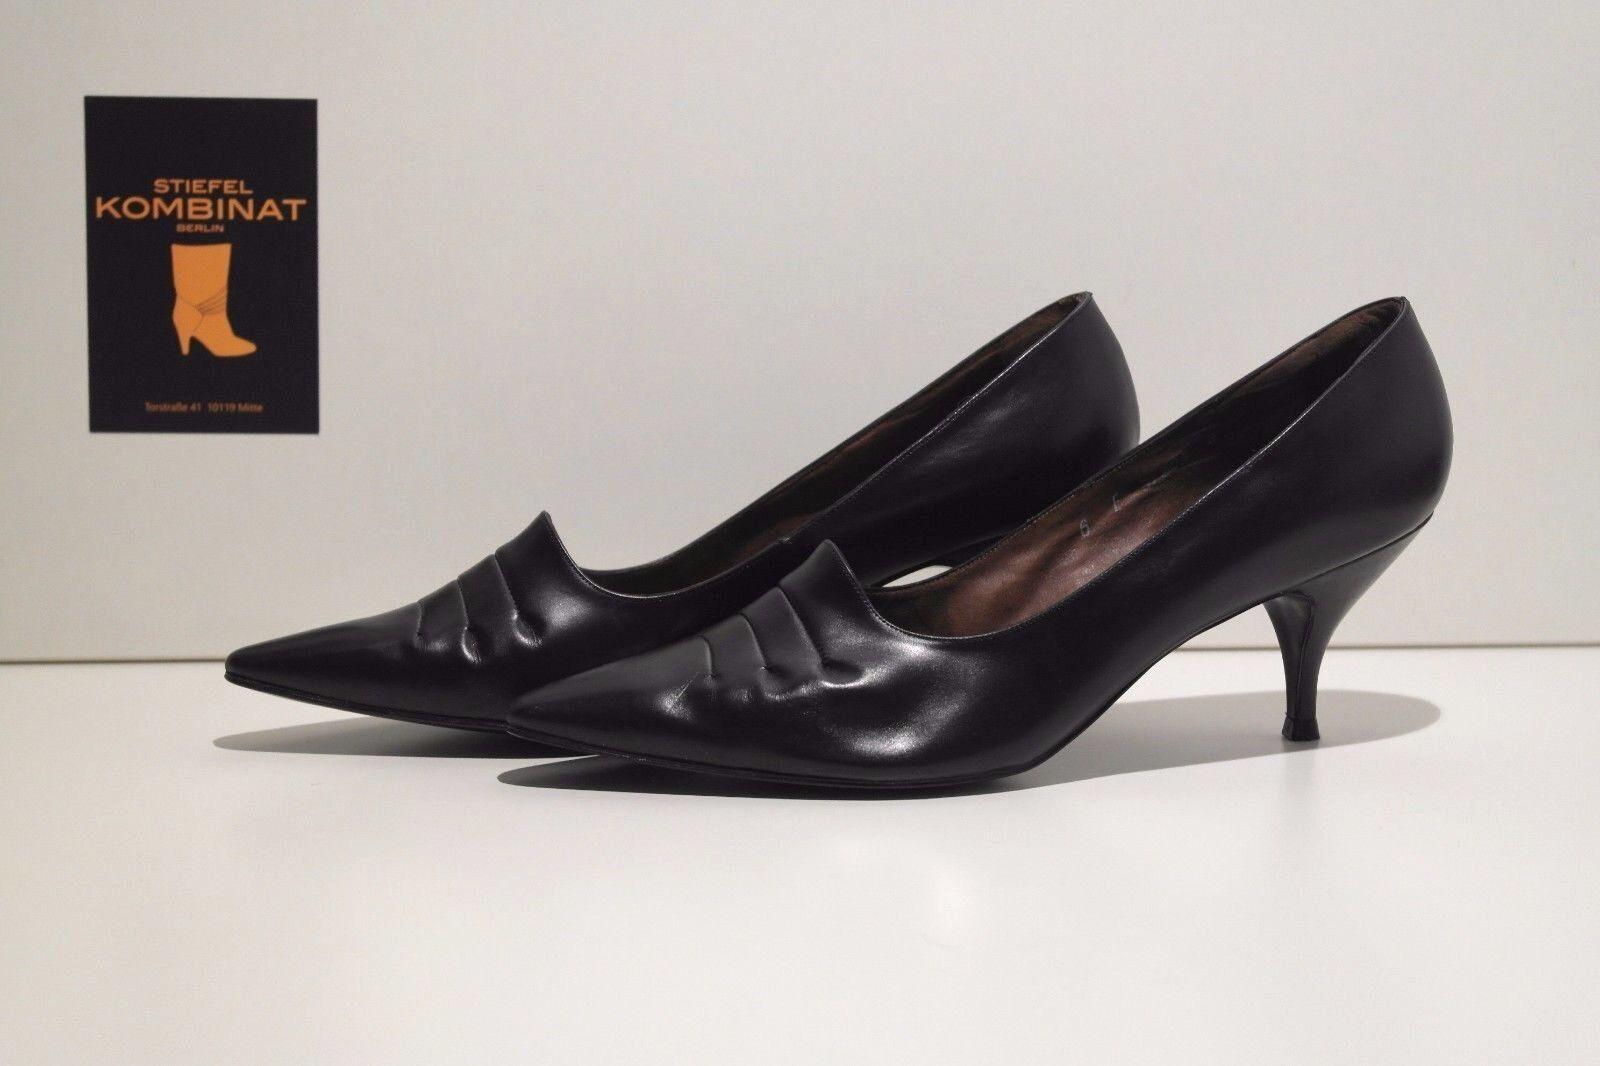 NOS Rheinberger Meisterschuhe Damen Pumps Schuhe TRUE VINTAGE Porby UK 5 schwarz